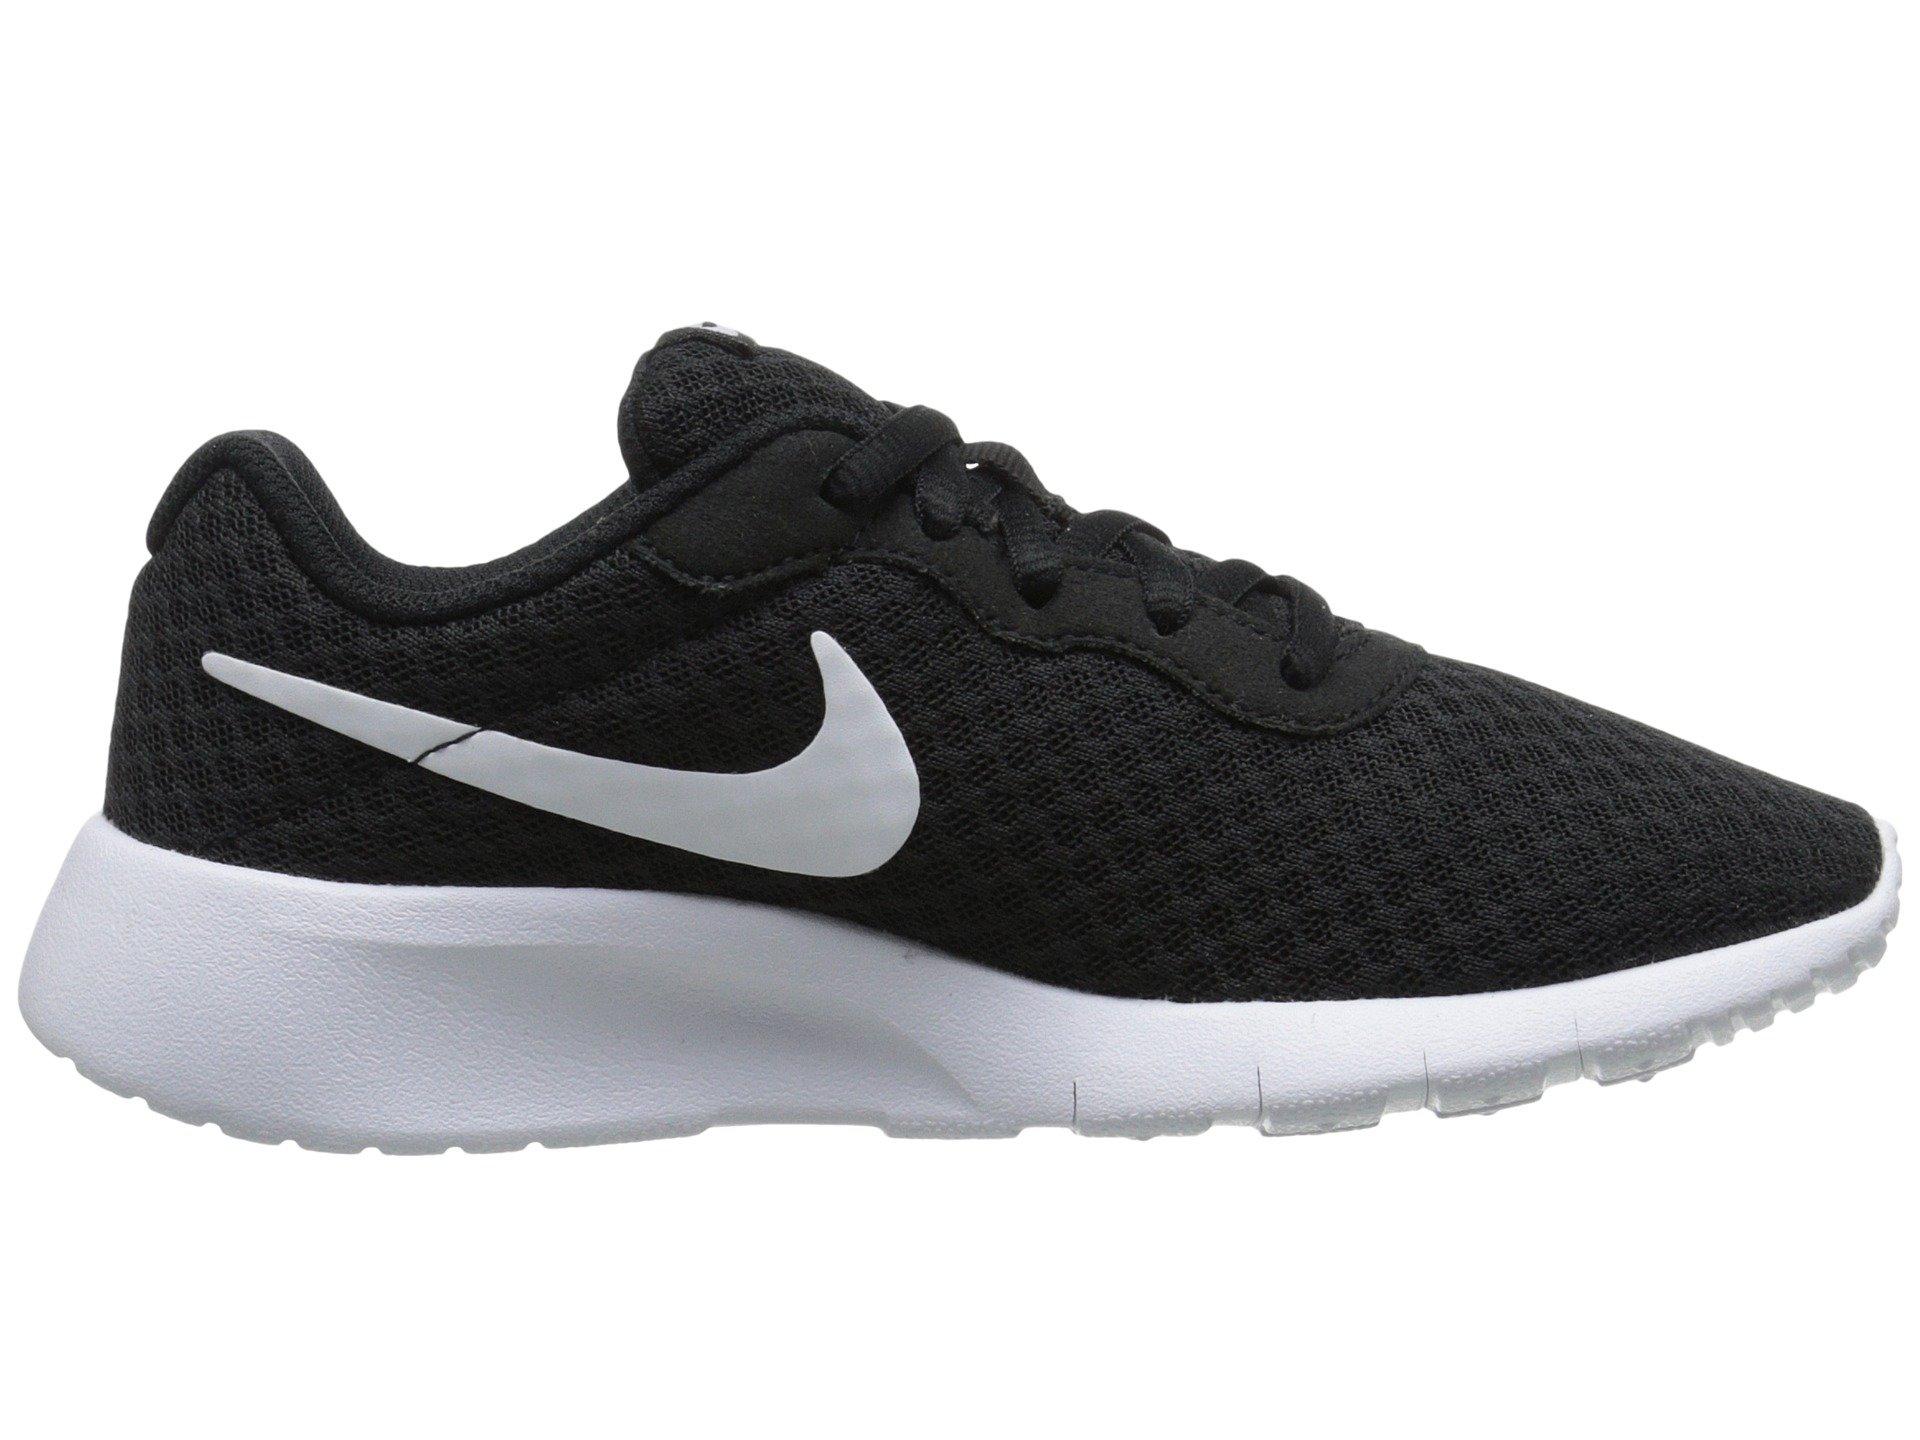 Nike Boy's Tanjun Running Sneaker Black/White-White 1.5 by Nike (Image #2)